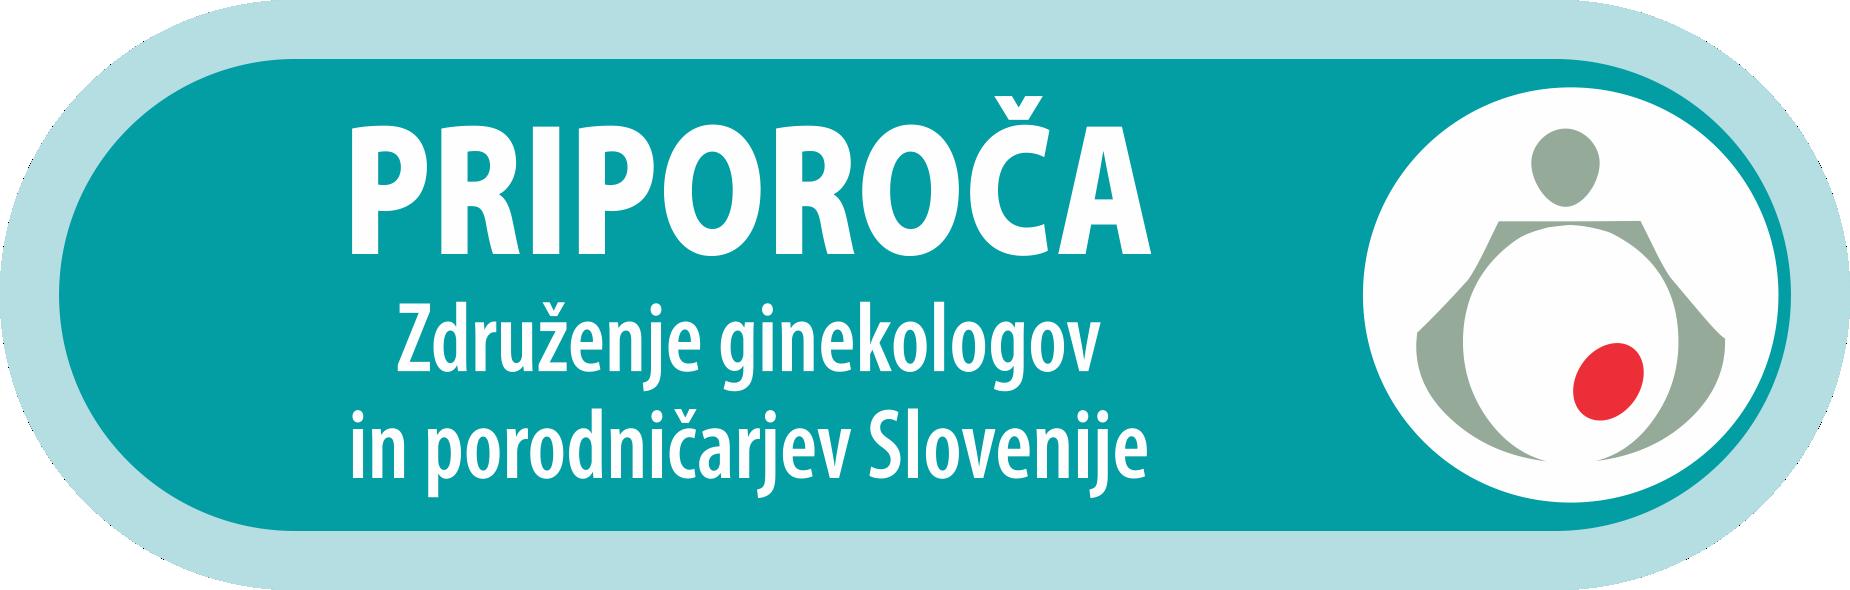 Priporoča Združenje ginekologov in porodničarjev Slovenije